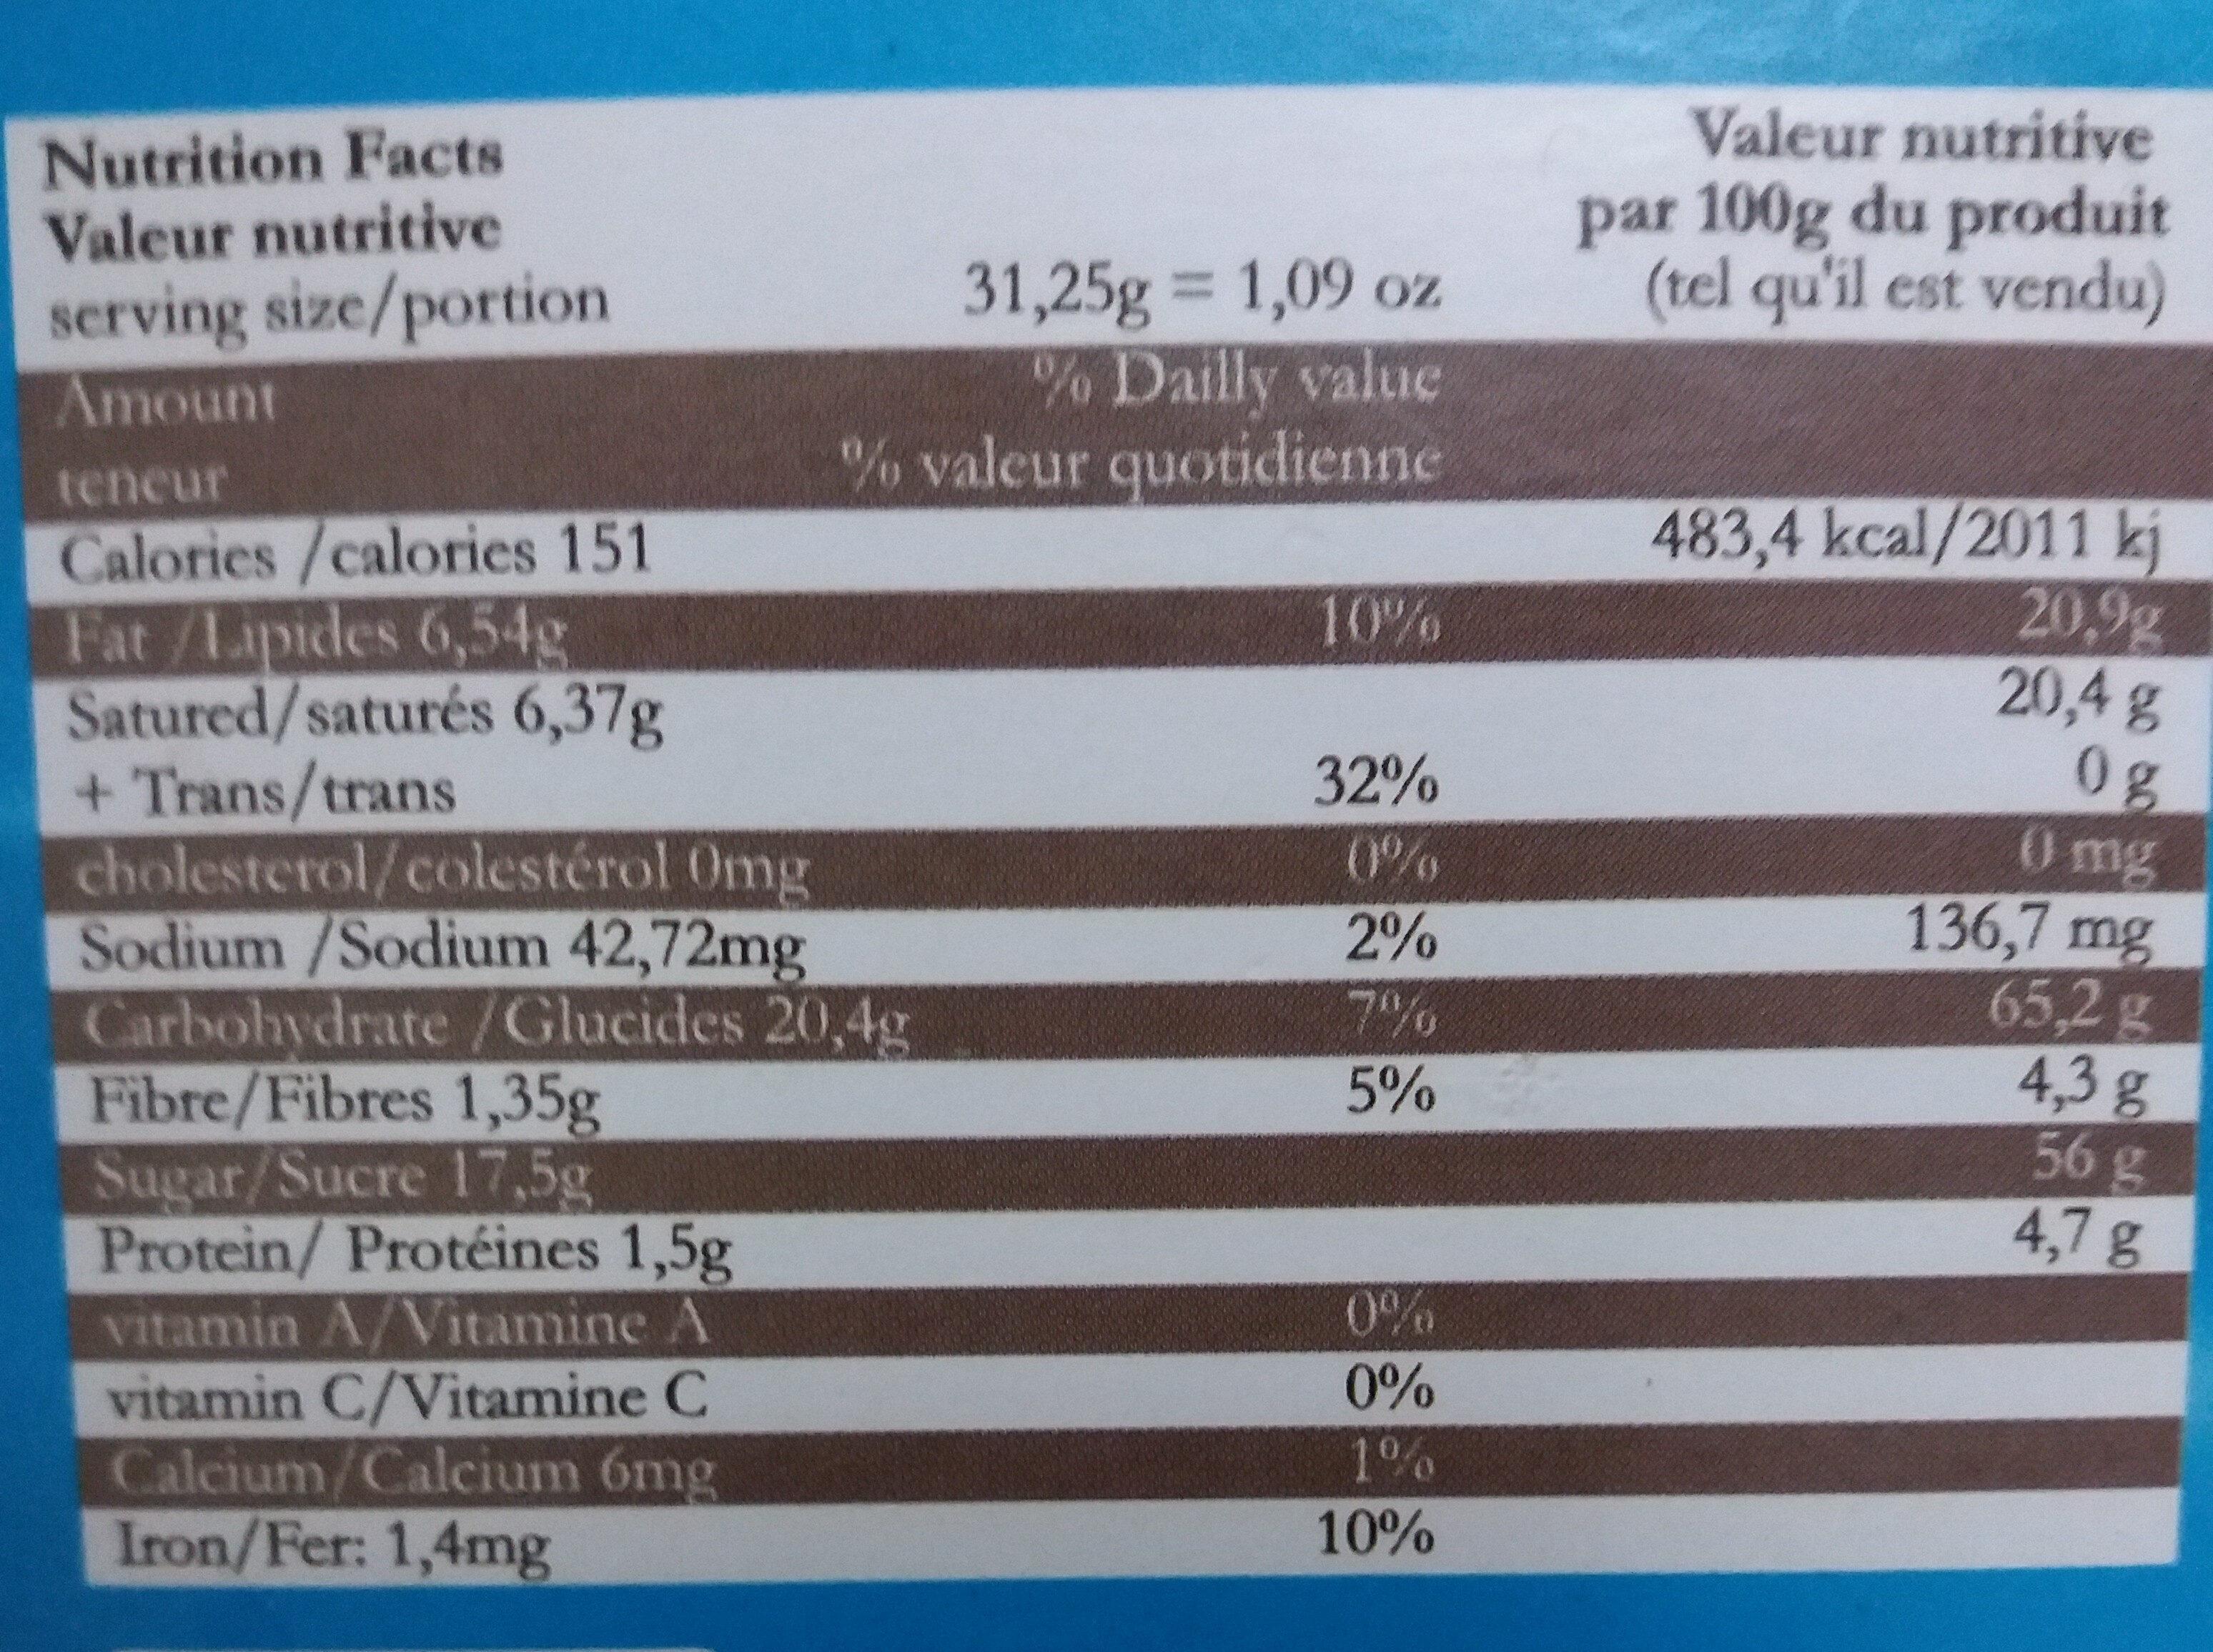 Preparztion en poudre pour mousse - Nutrition facts